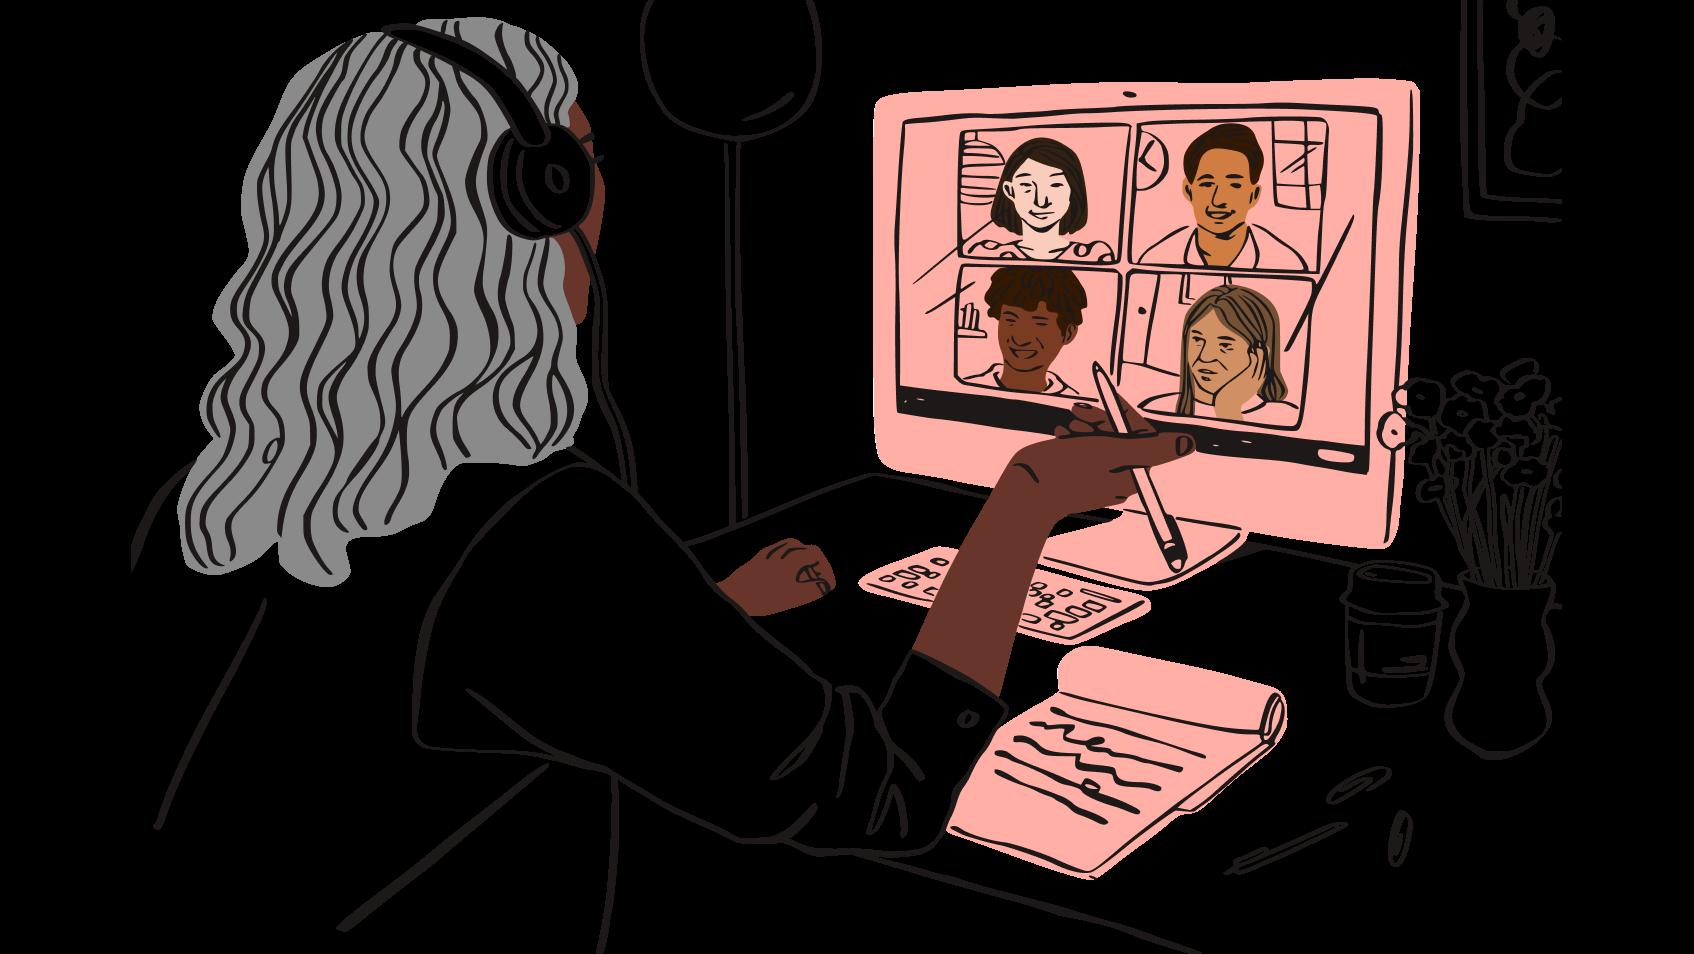 Ilustración de un video de mujer charlando con otras cuatro personas.